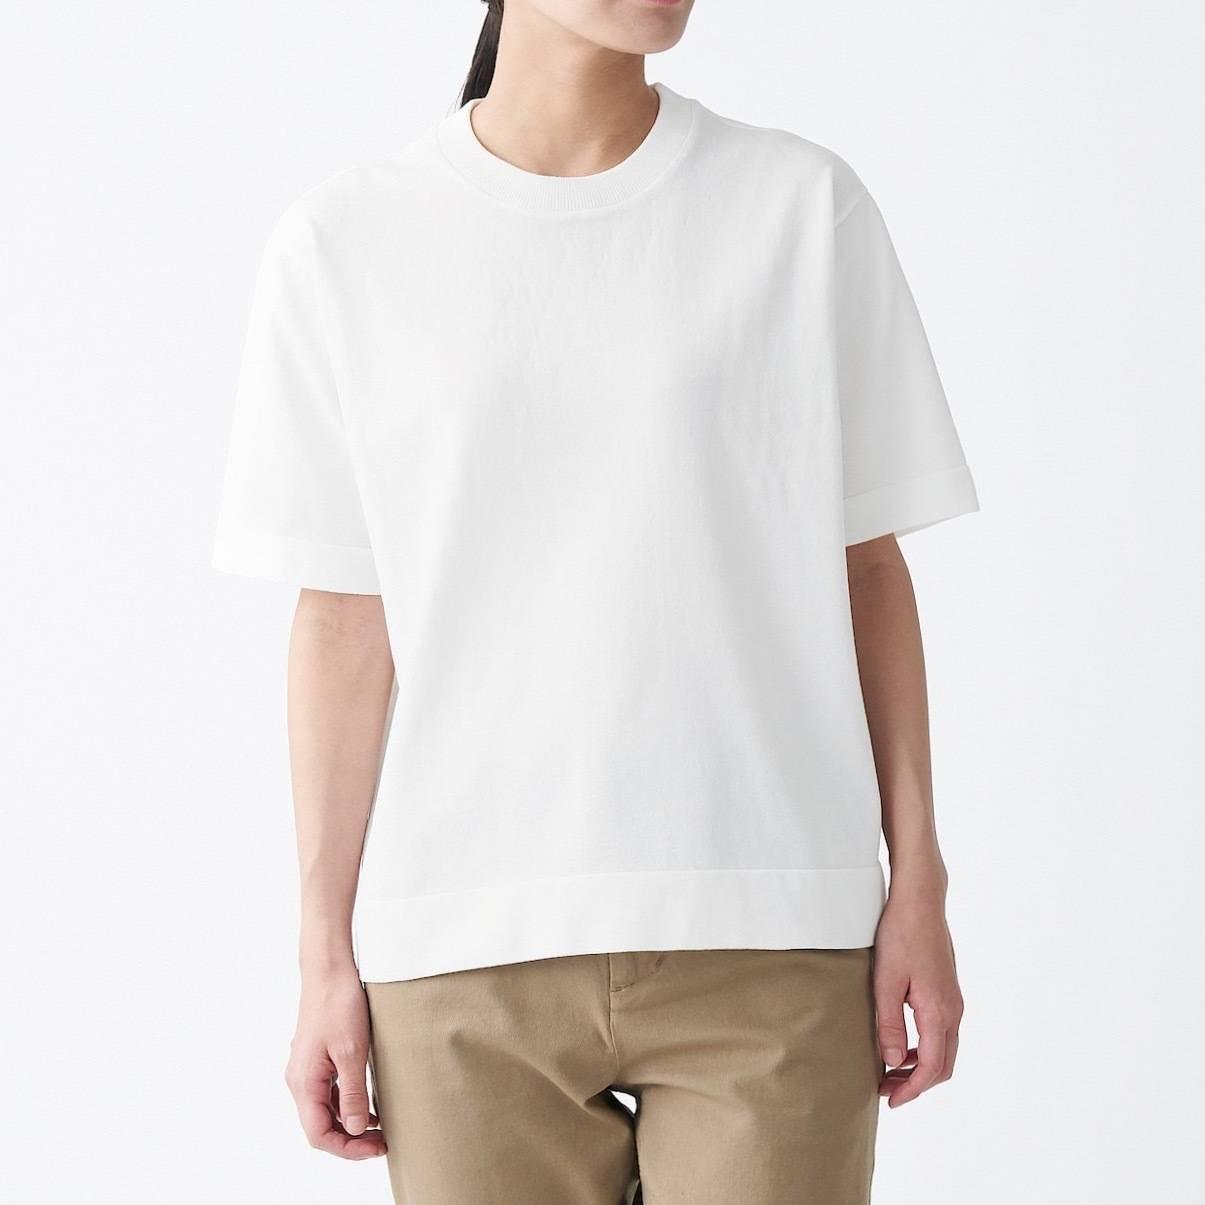 無印良品 UVカット強撚半袖ニットTシャツ